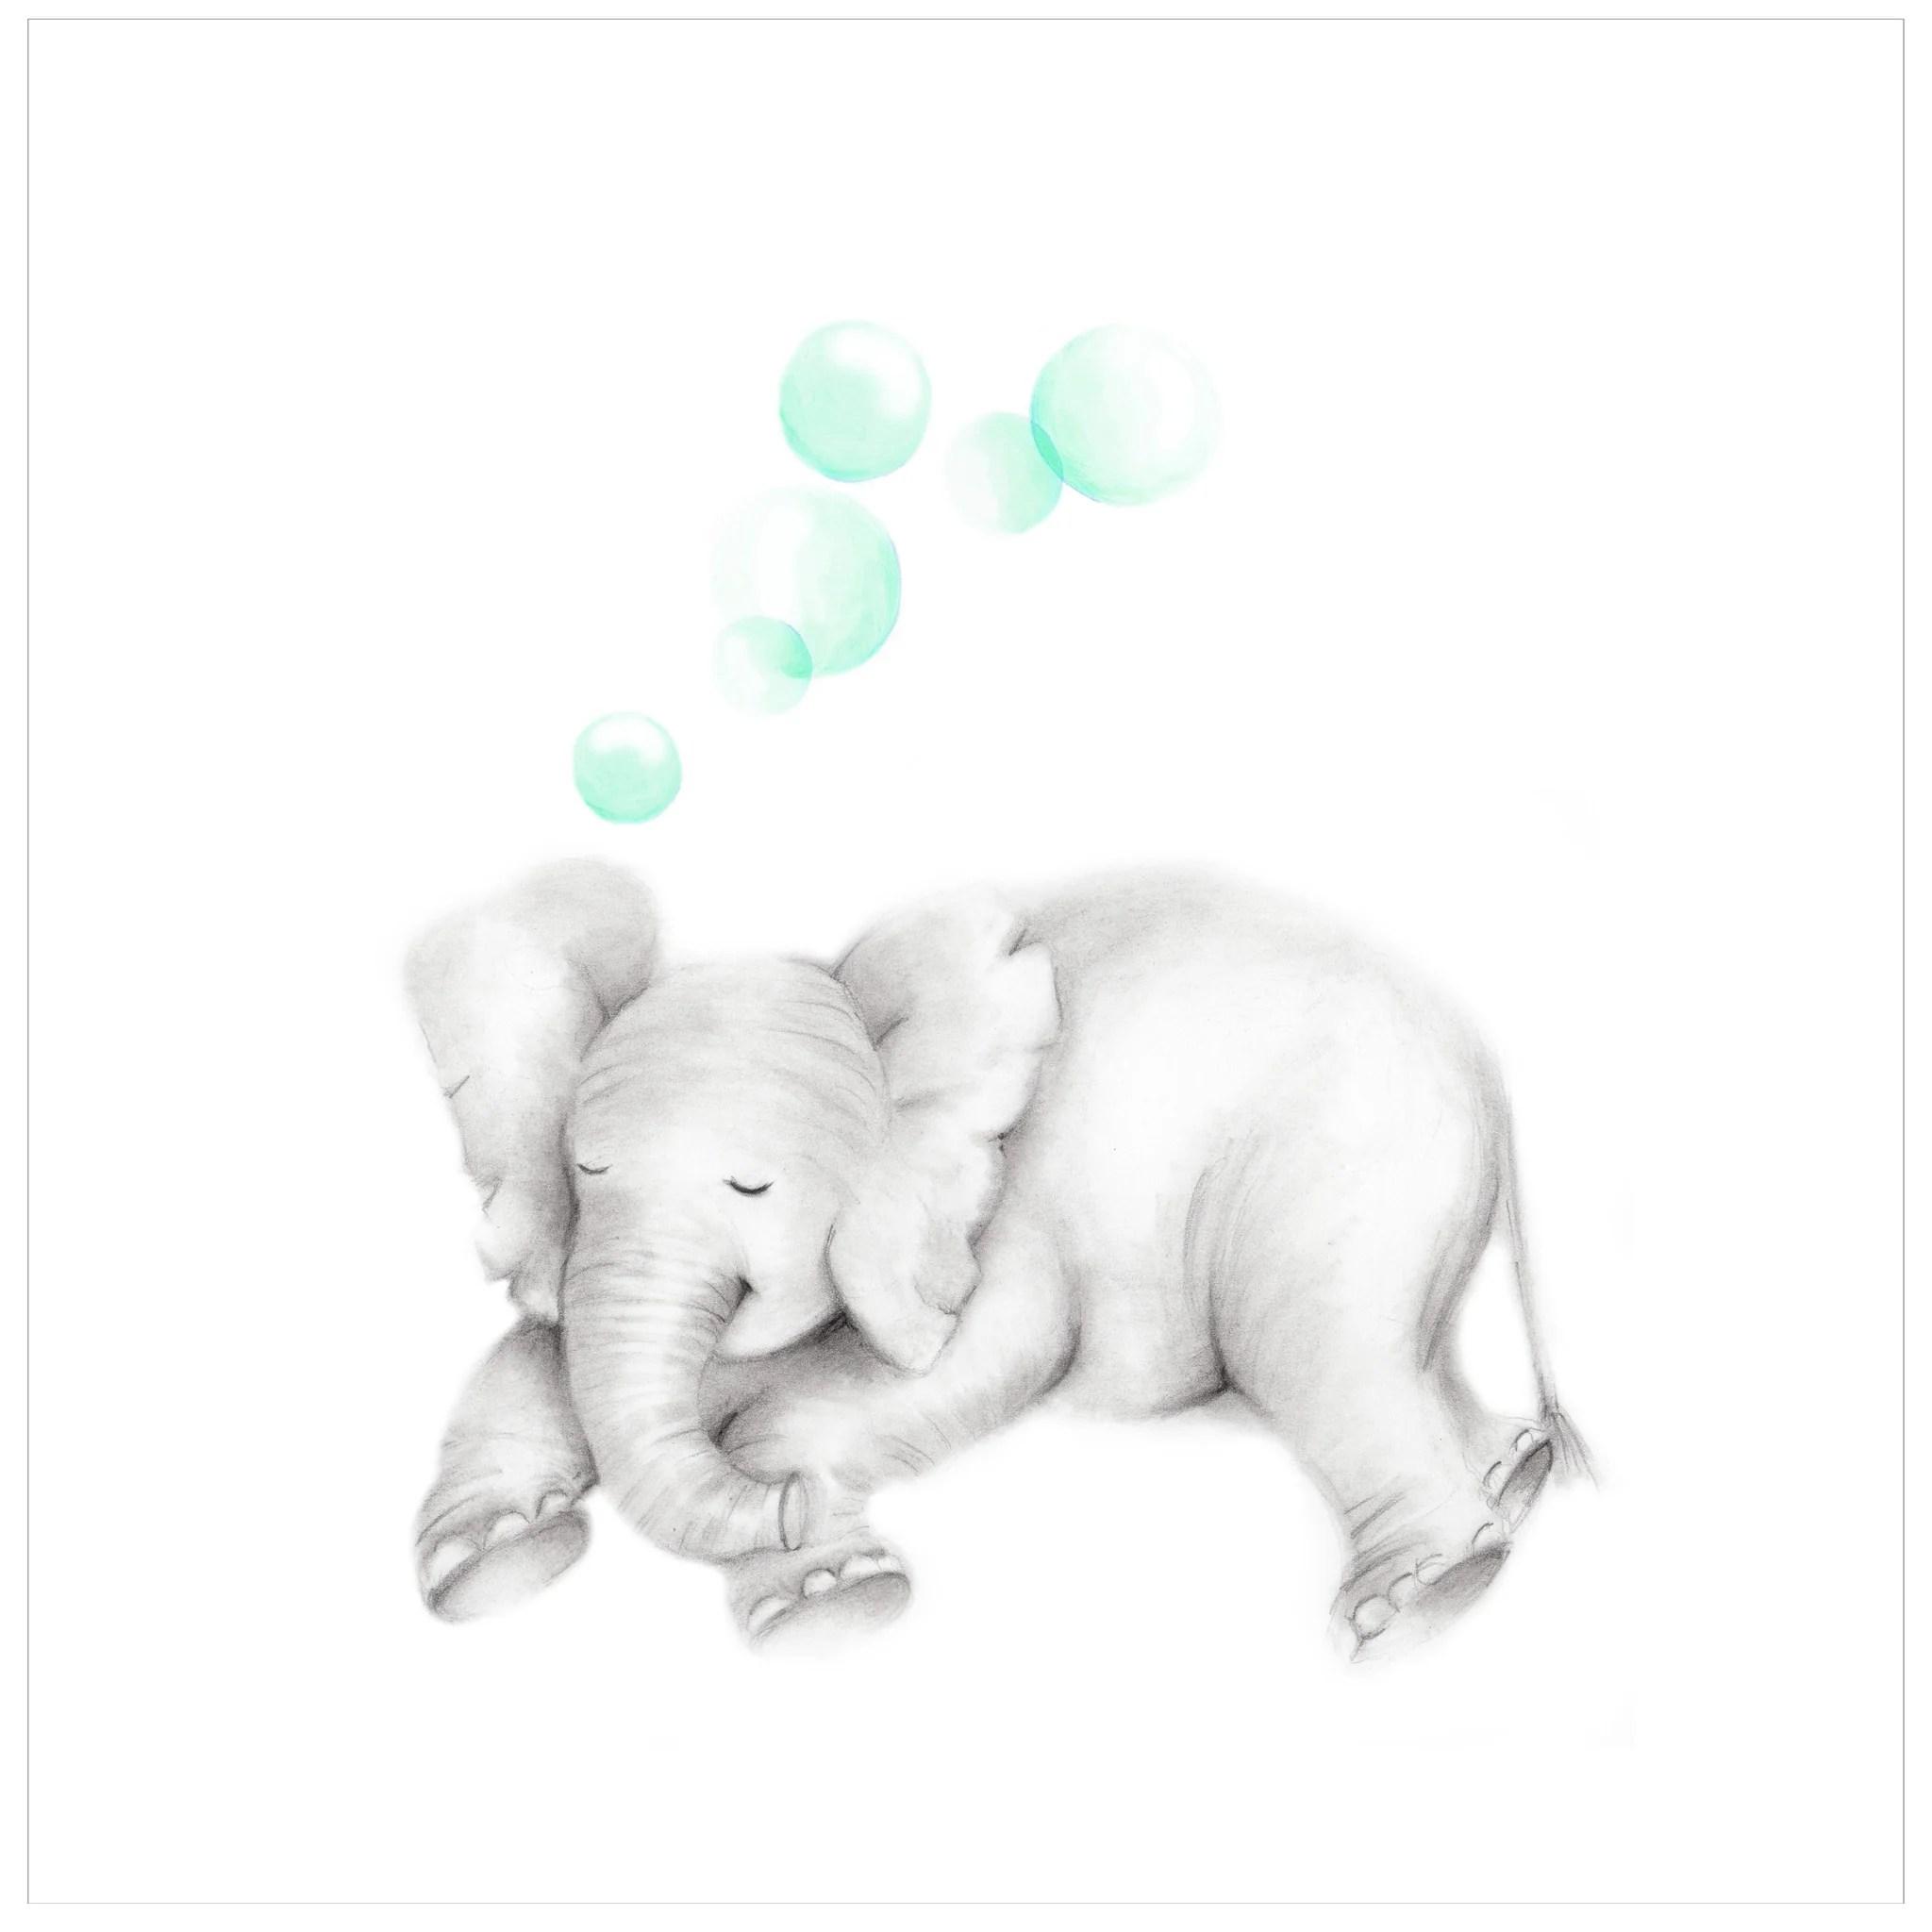 sleepy baby elephant with